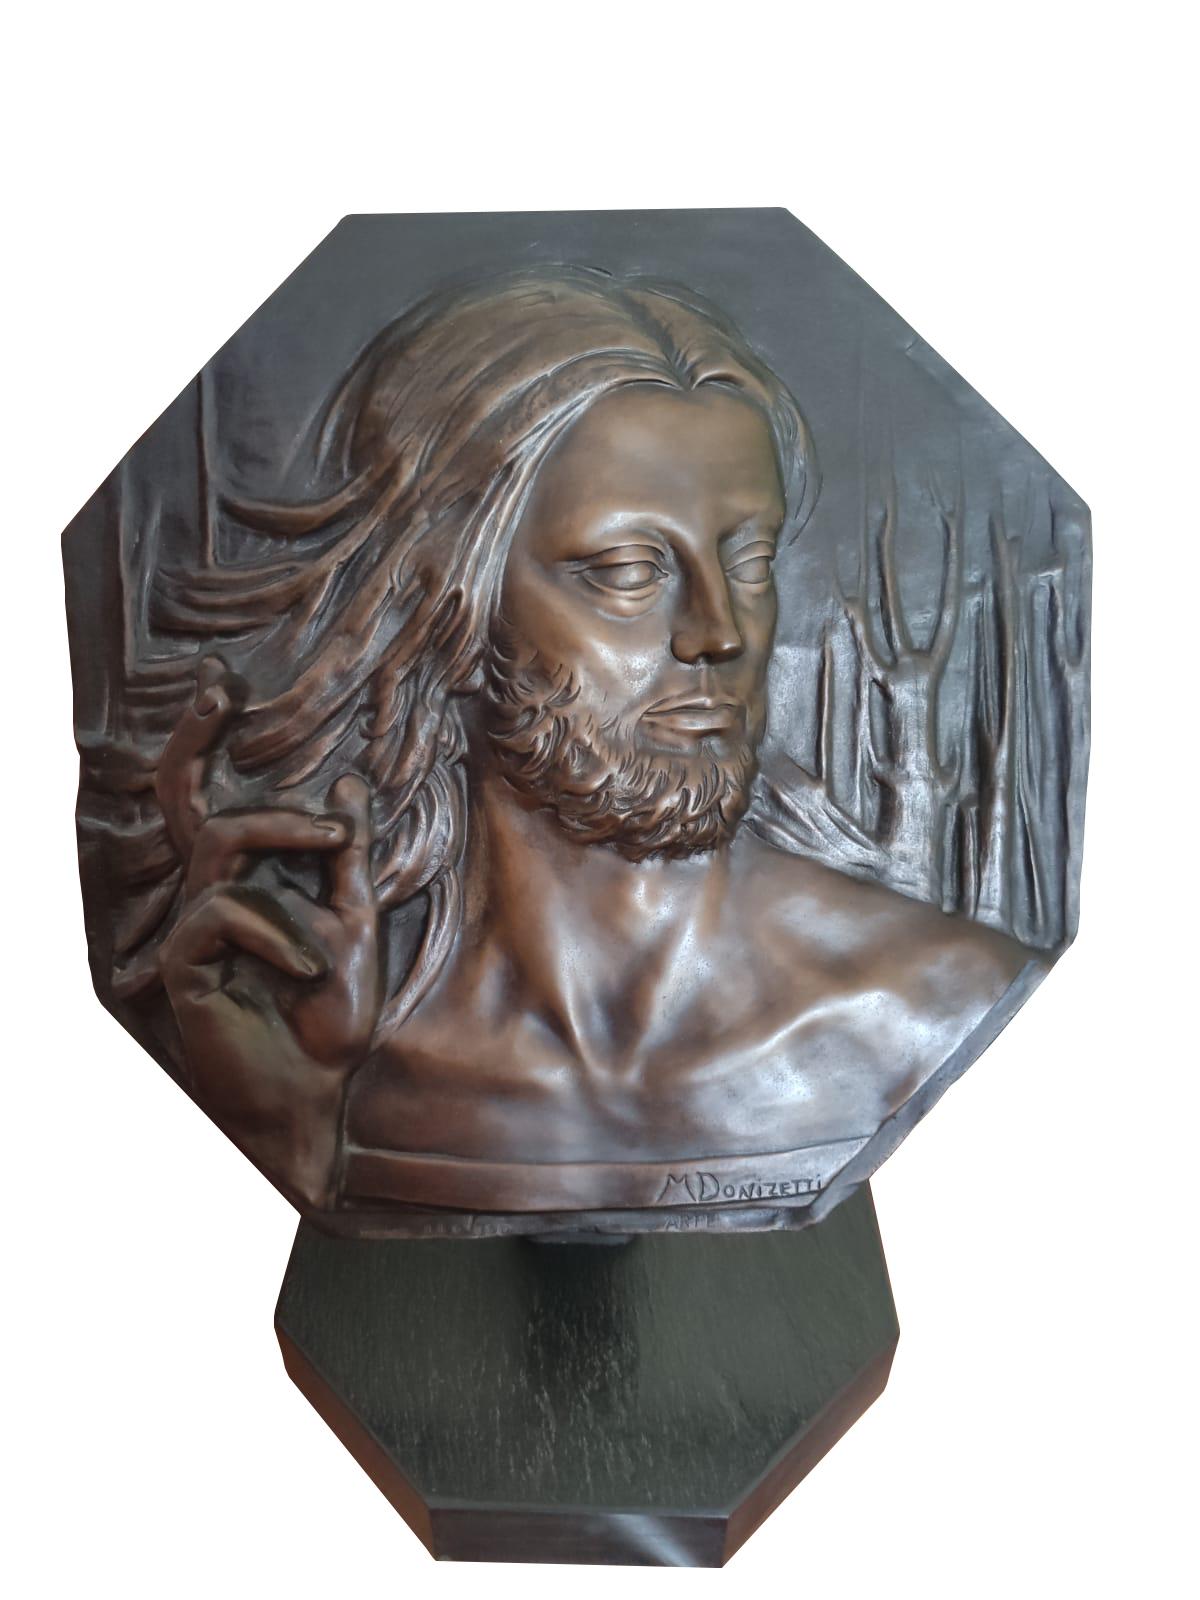 Mario Donizetti – Cristo Benedicente